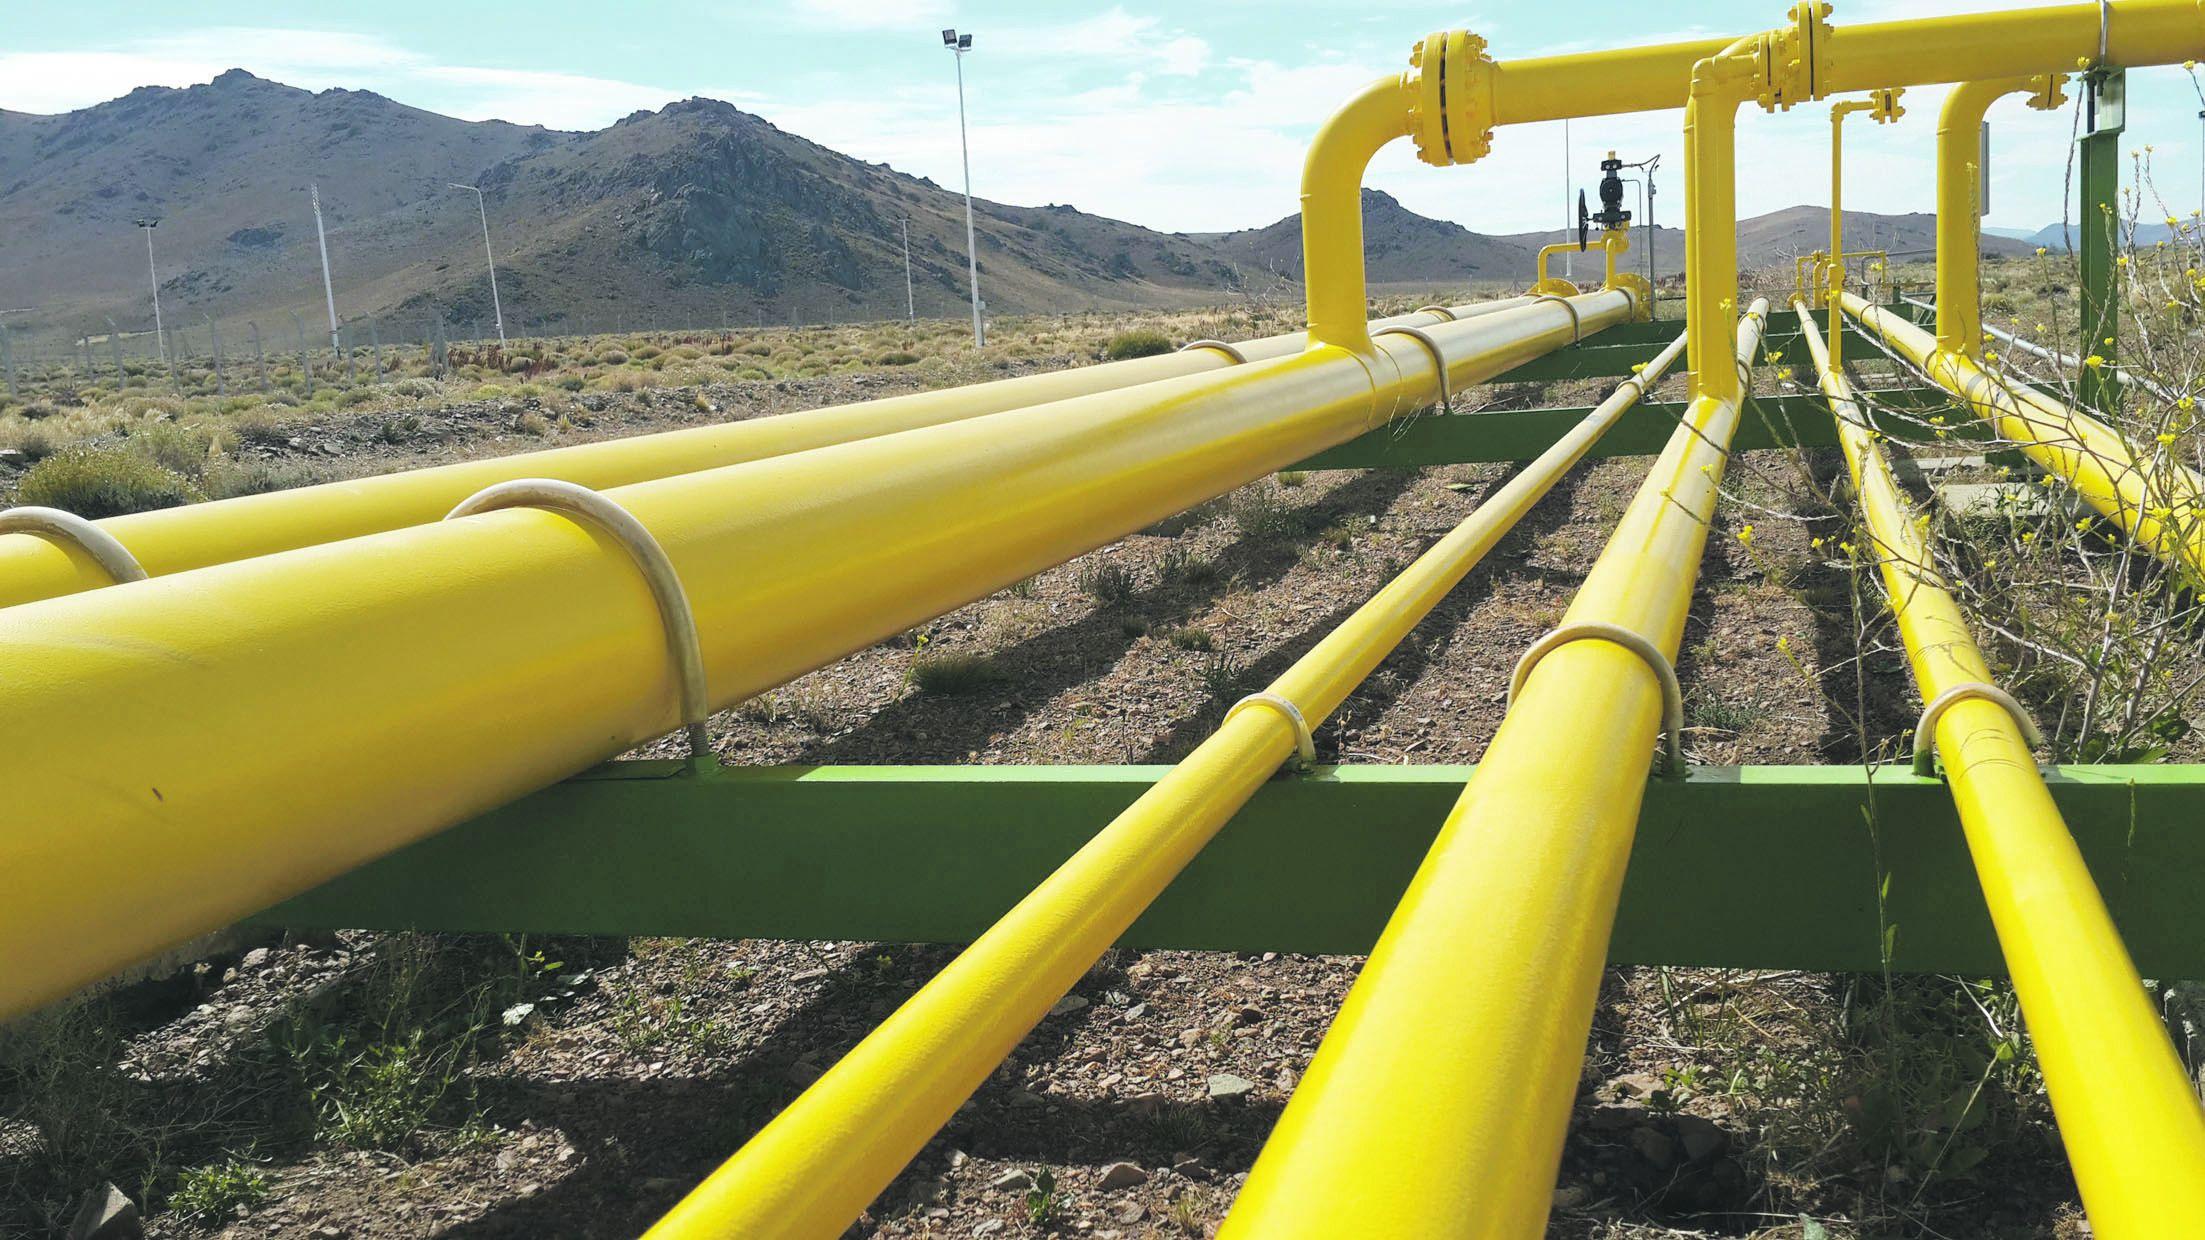 tgs duplico la capacidad de tratamiento de gas en planta de tratayen, en vaca muerta